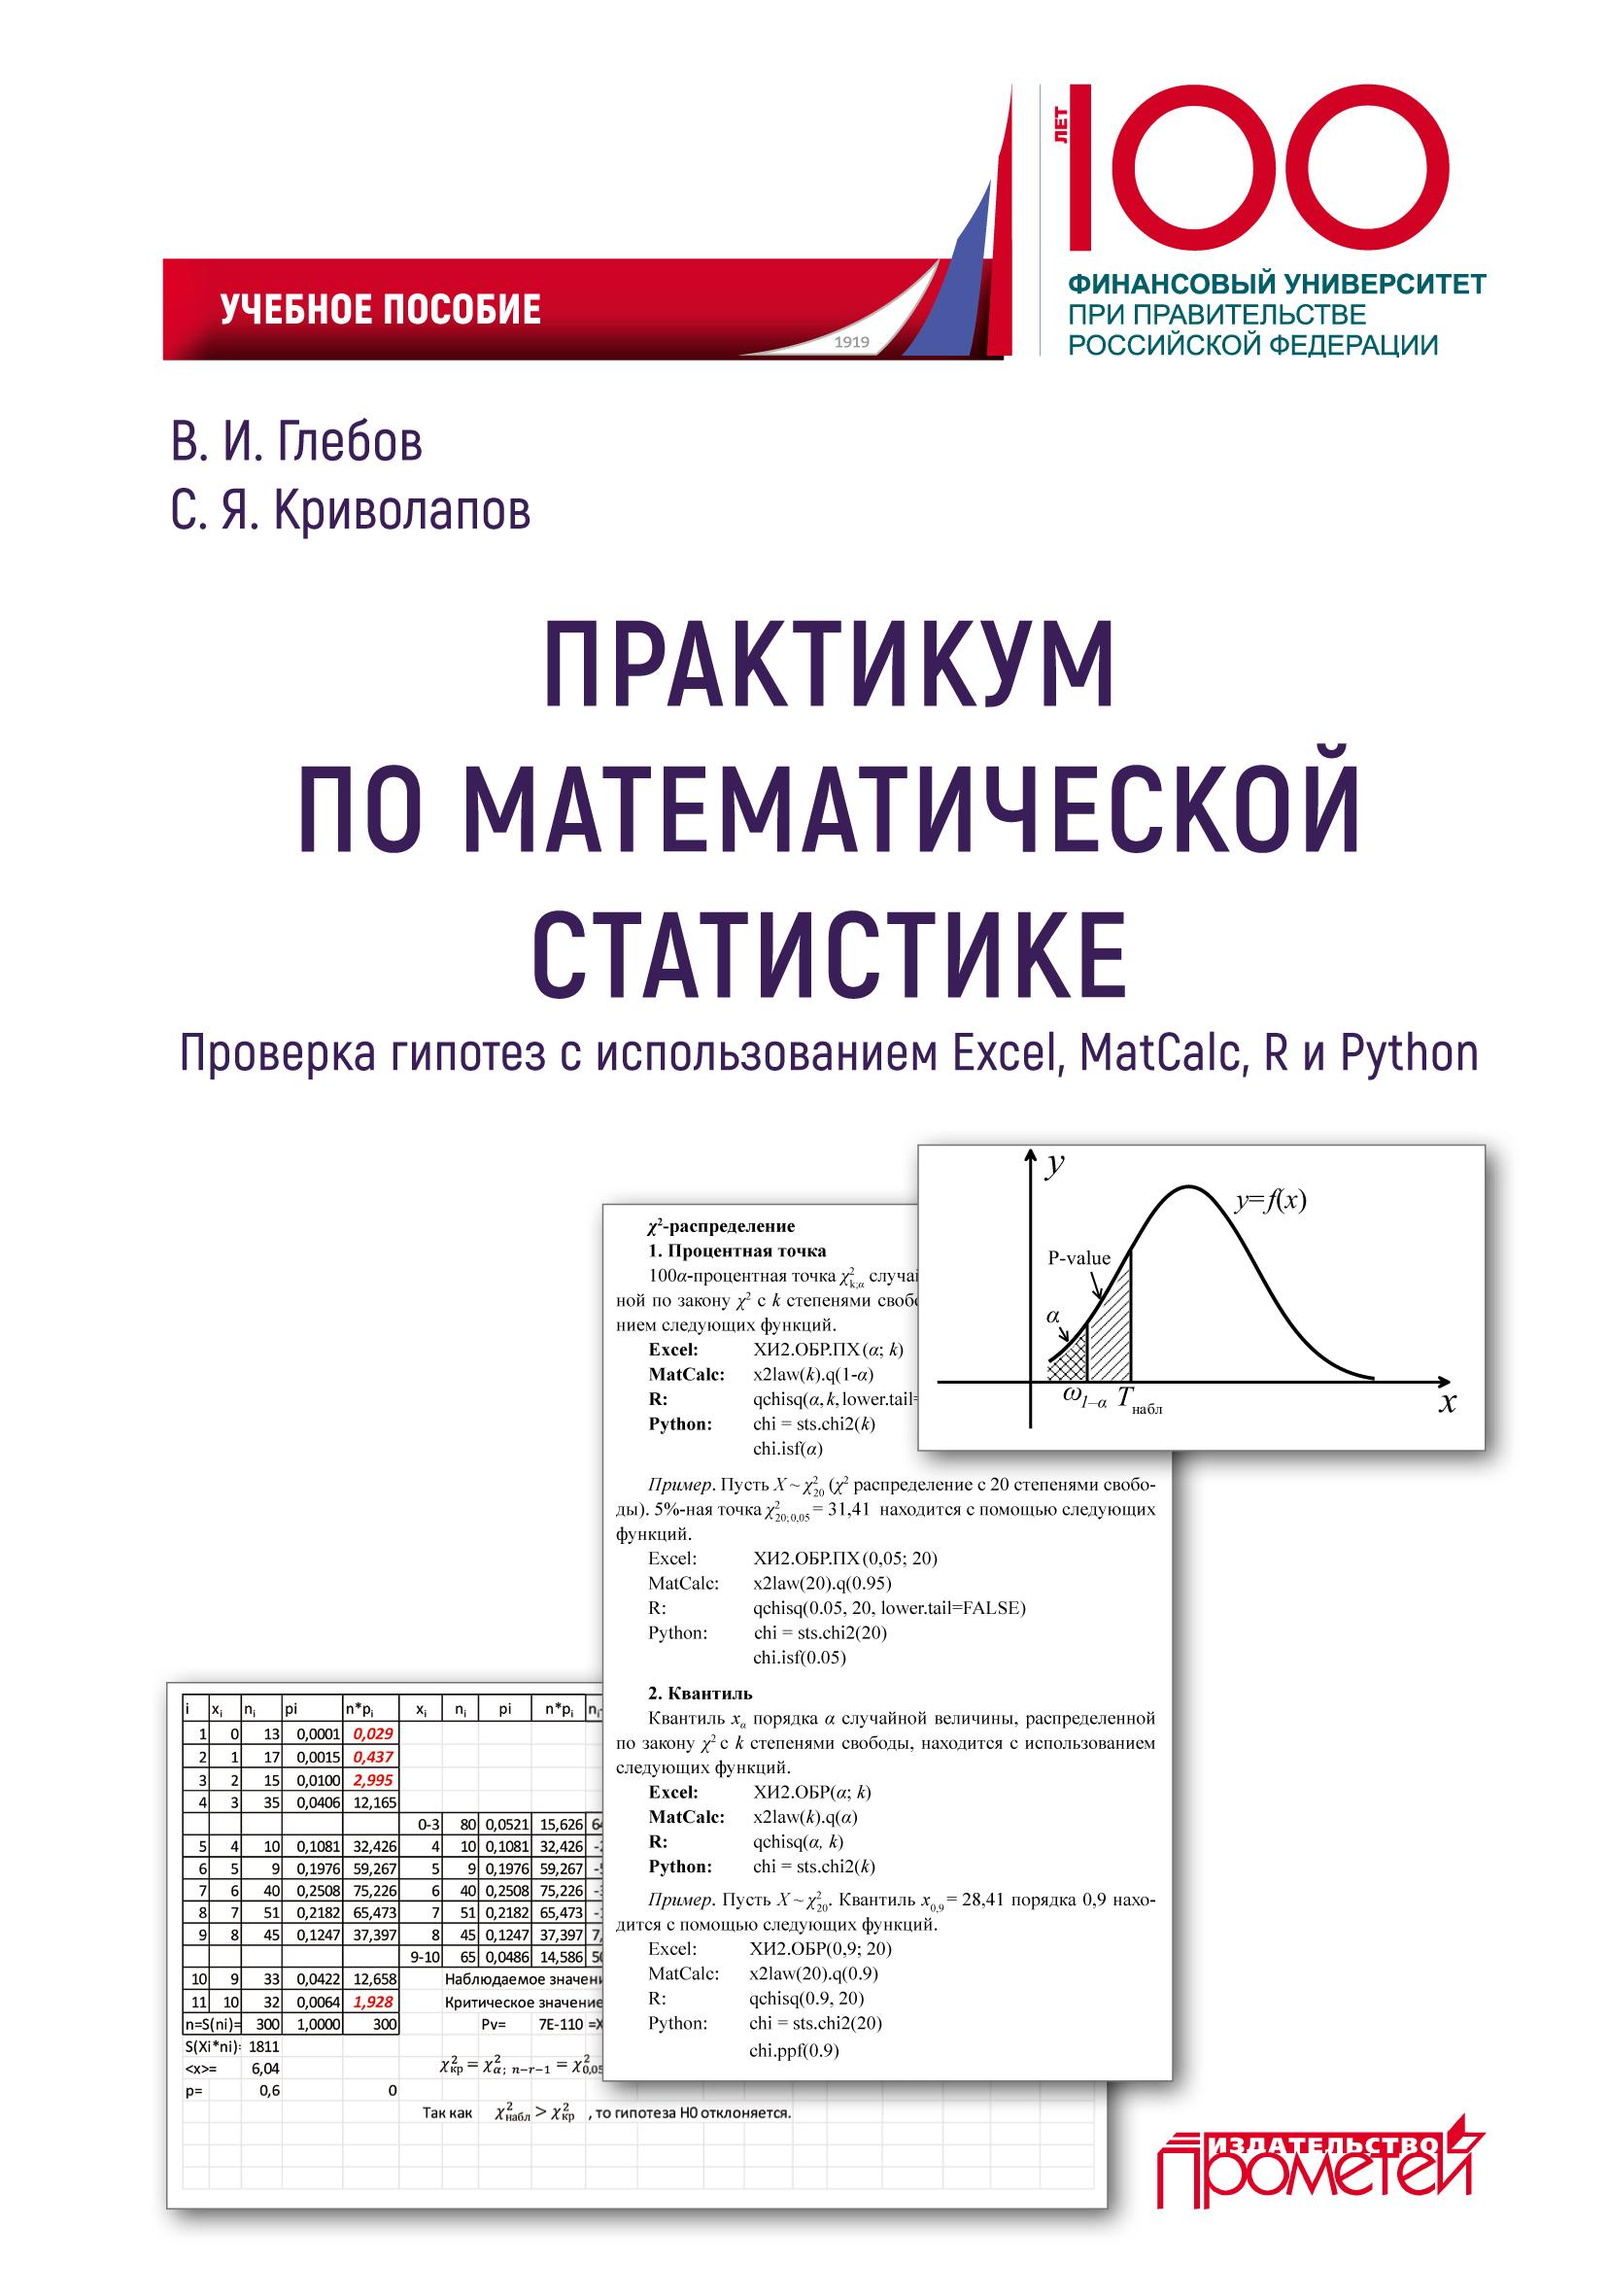 С. Я. Криволапов Практикум по математической статистике. Проверка гипотез с использованием Excel, MatCalc, R и Python